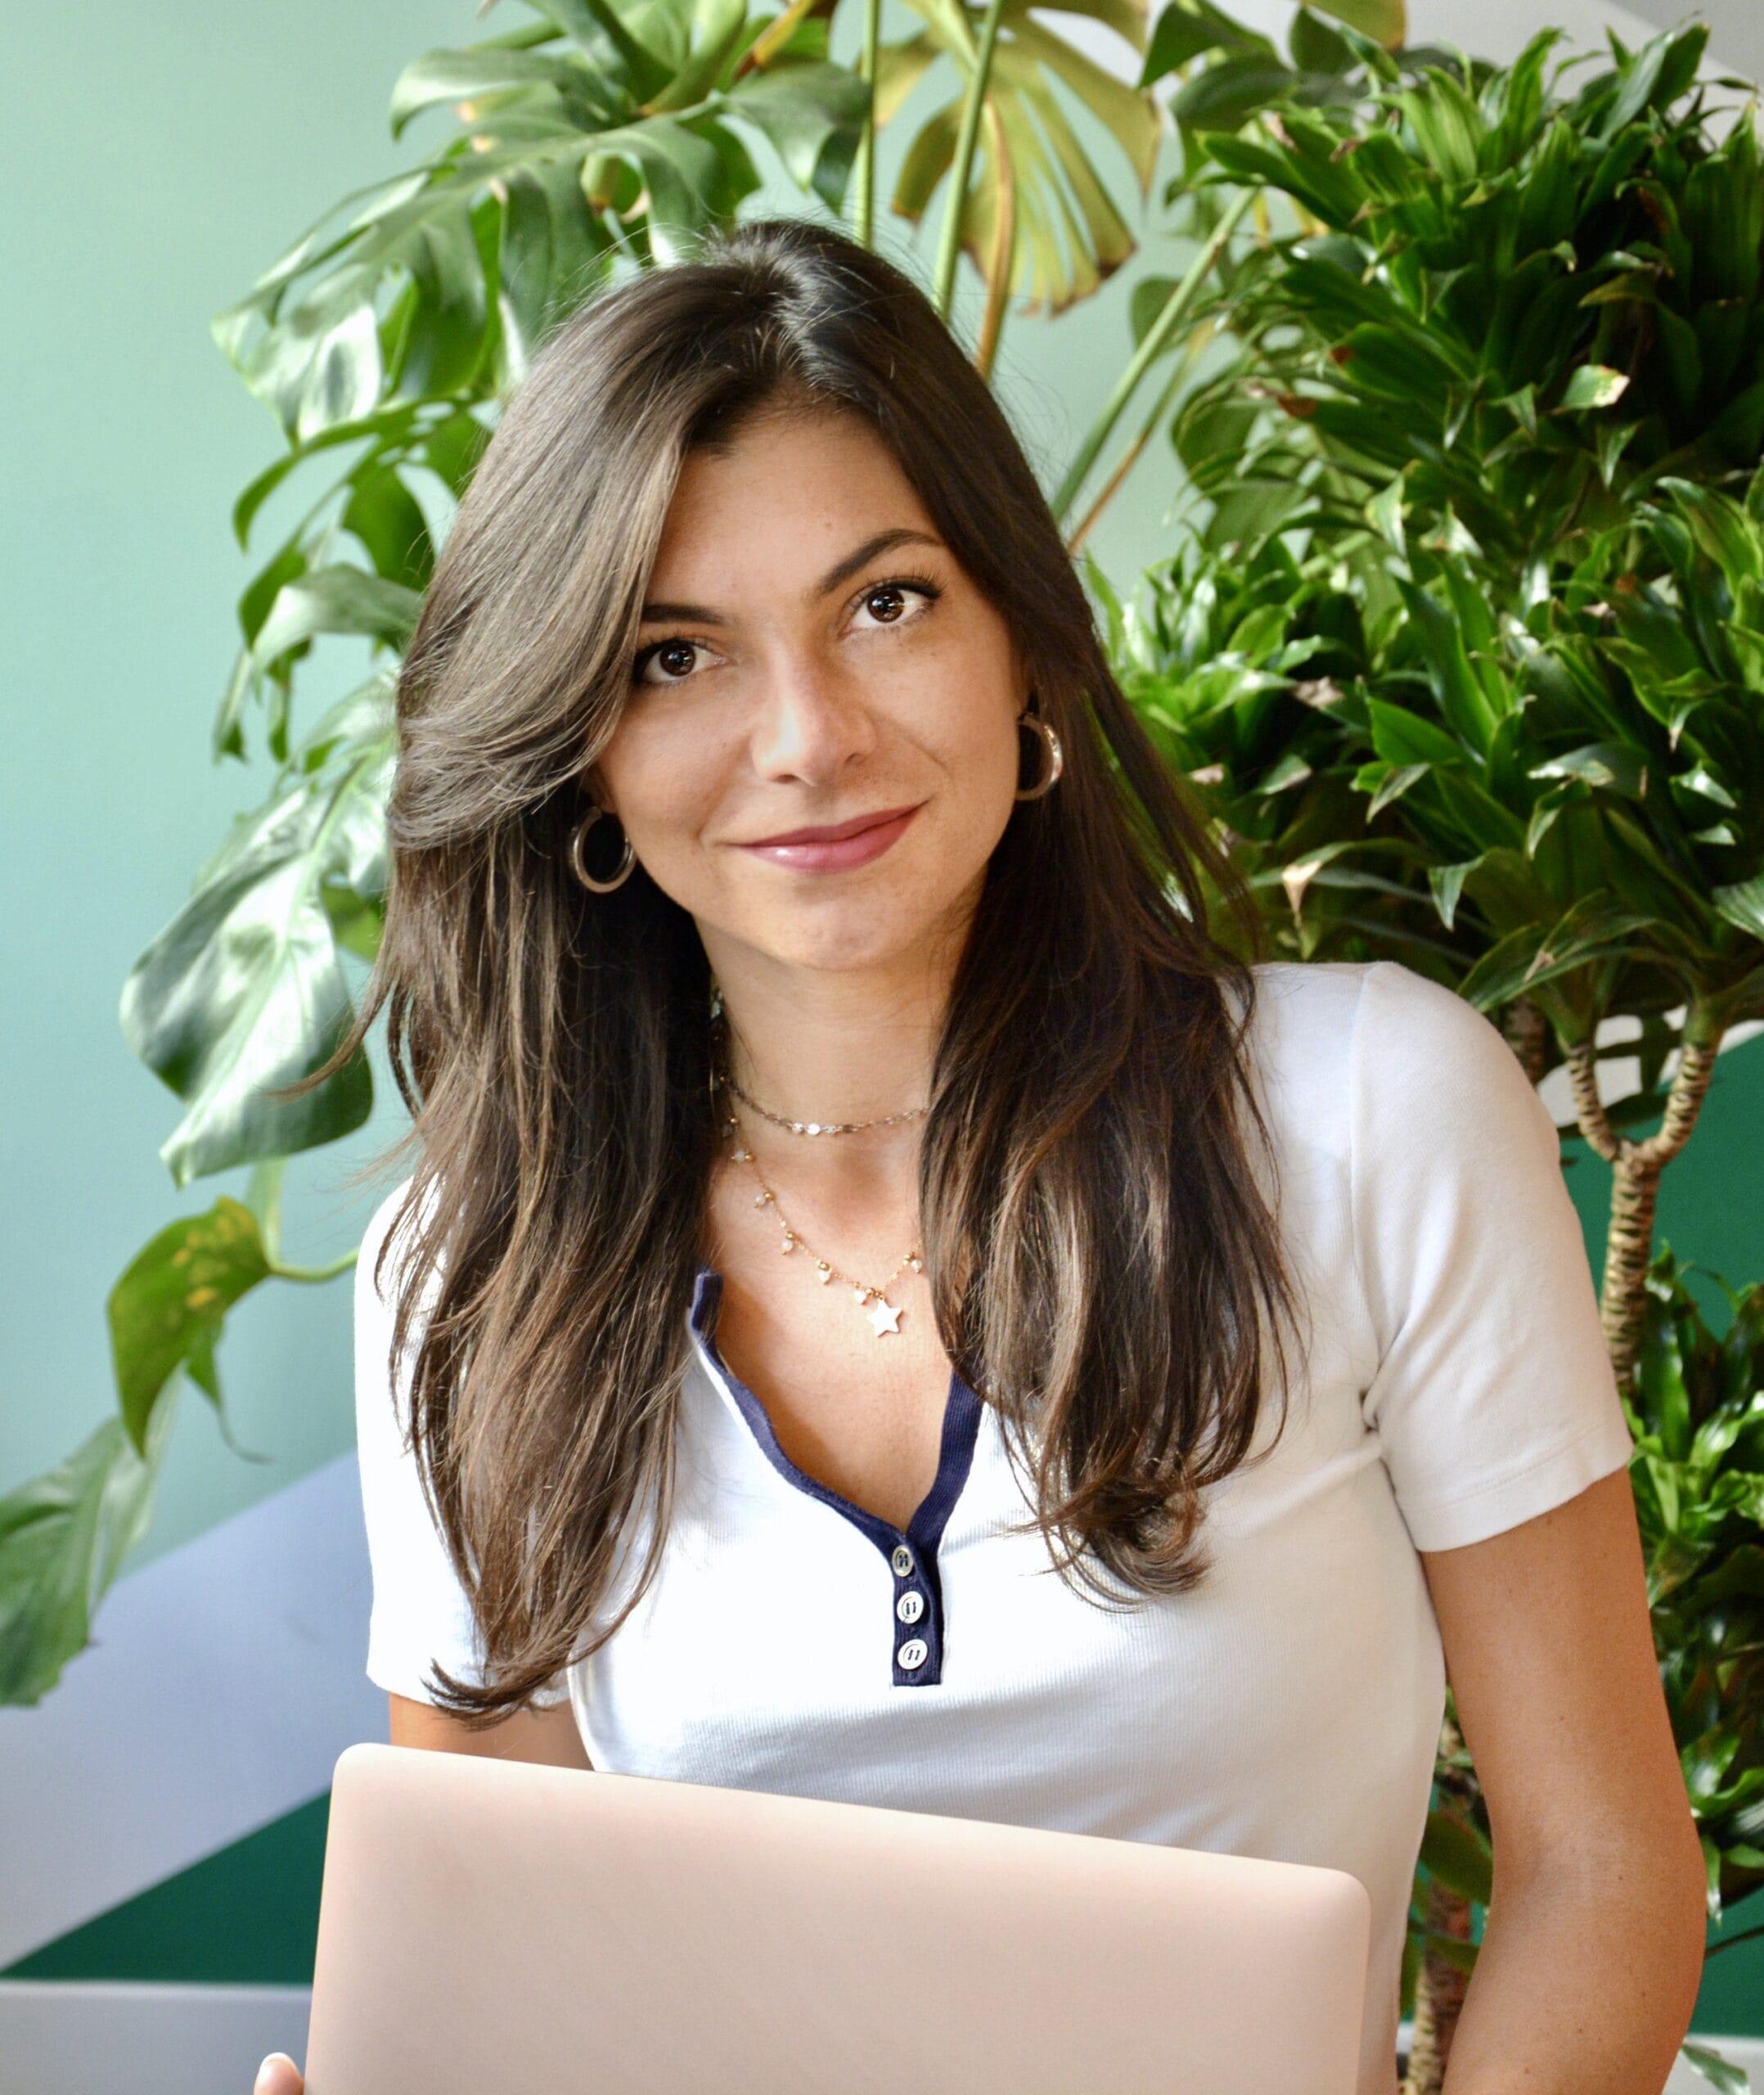 Marianna Poletti